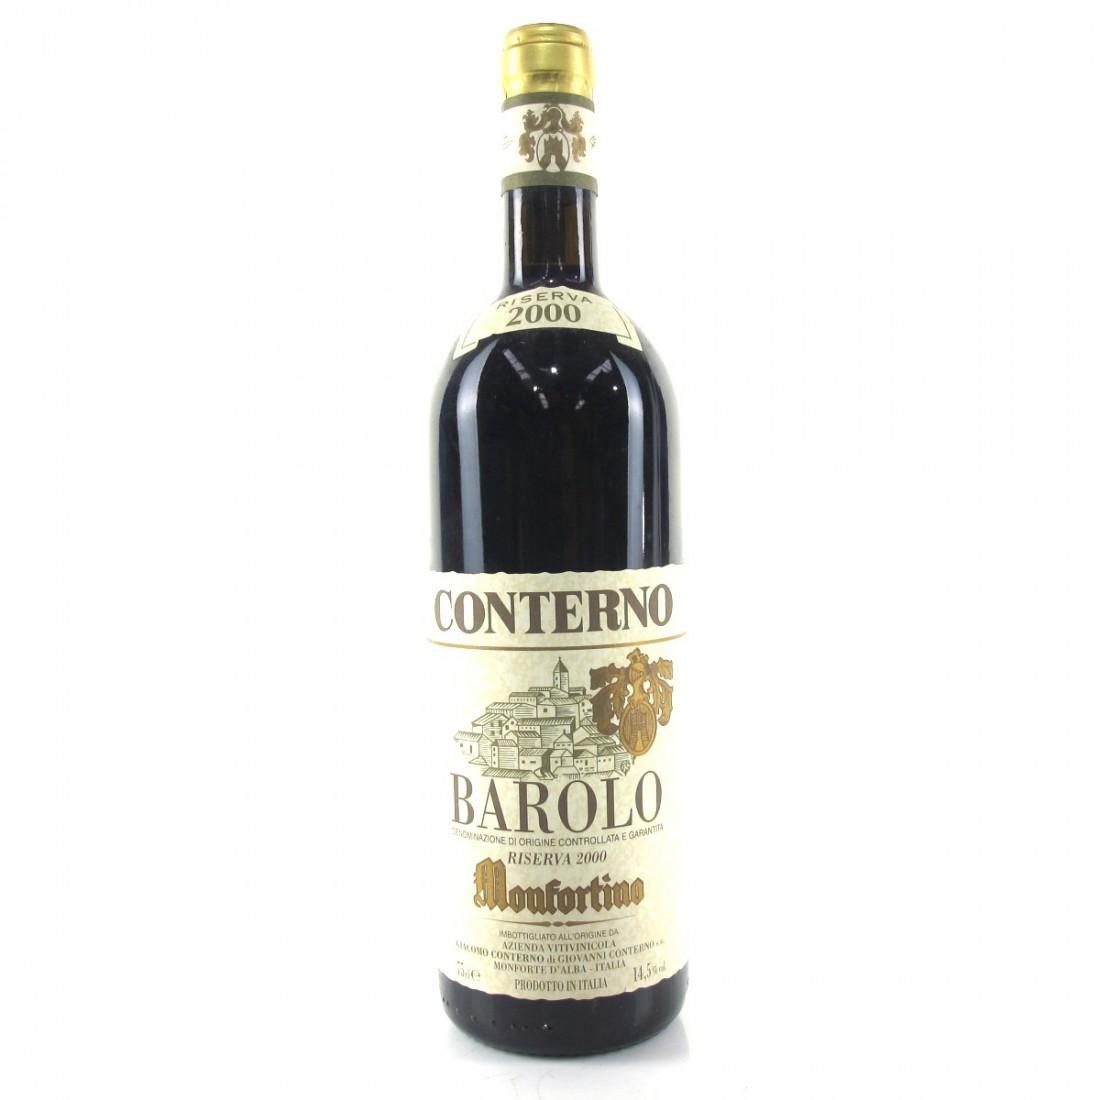 Conterno 2000 Barolo Riserva